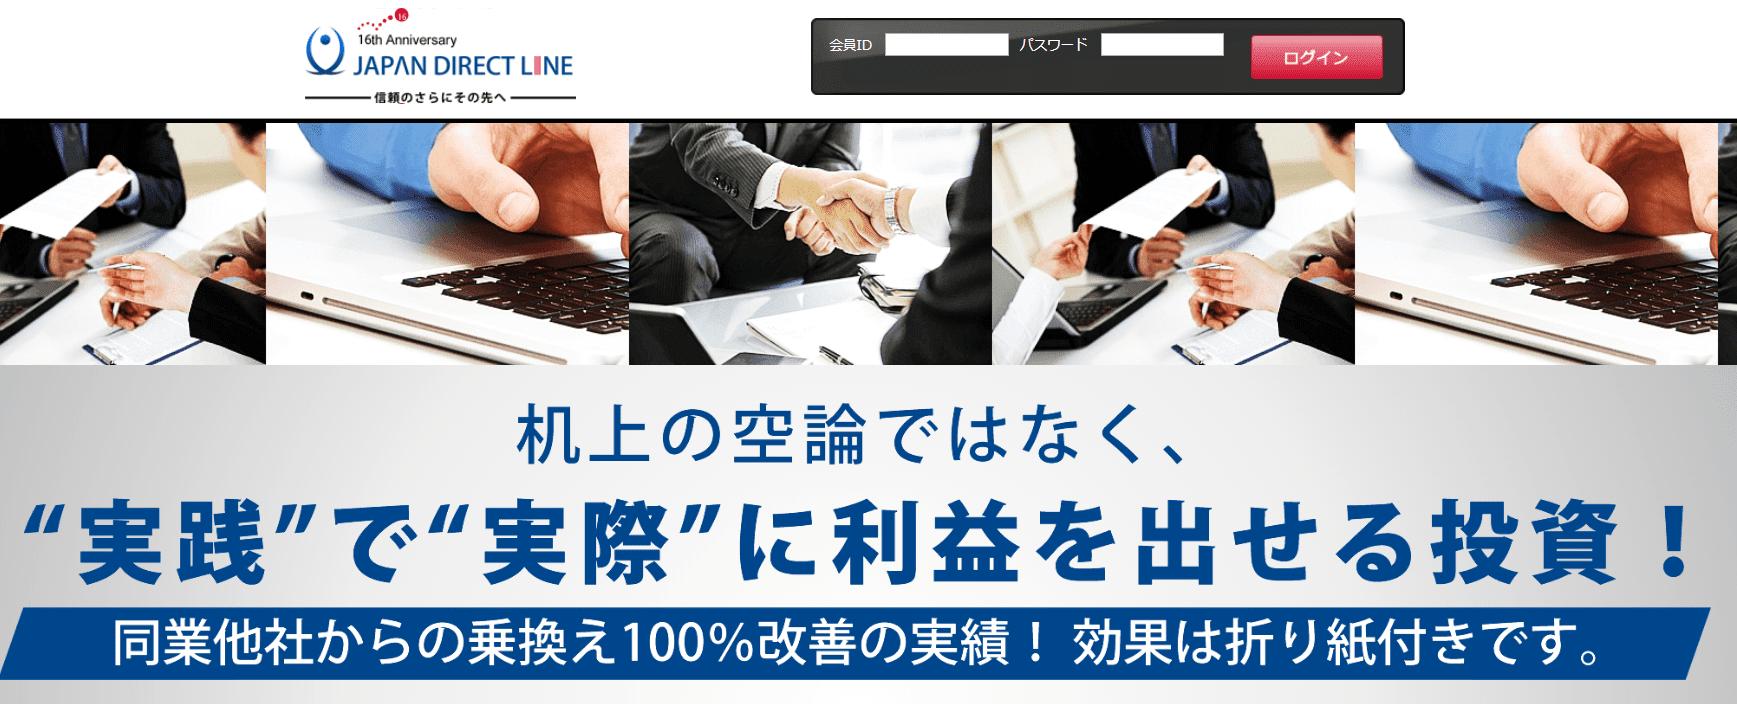 ジャパンダイレクトライン